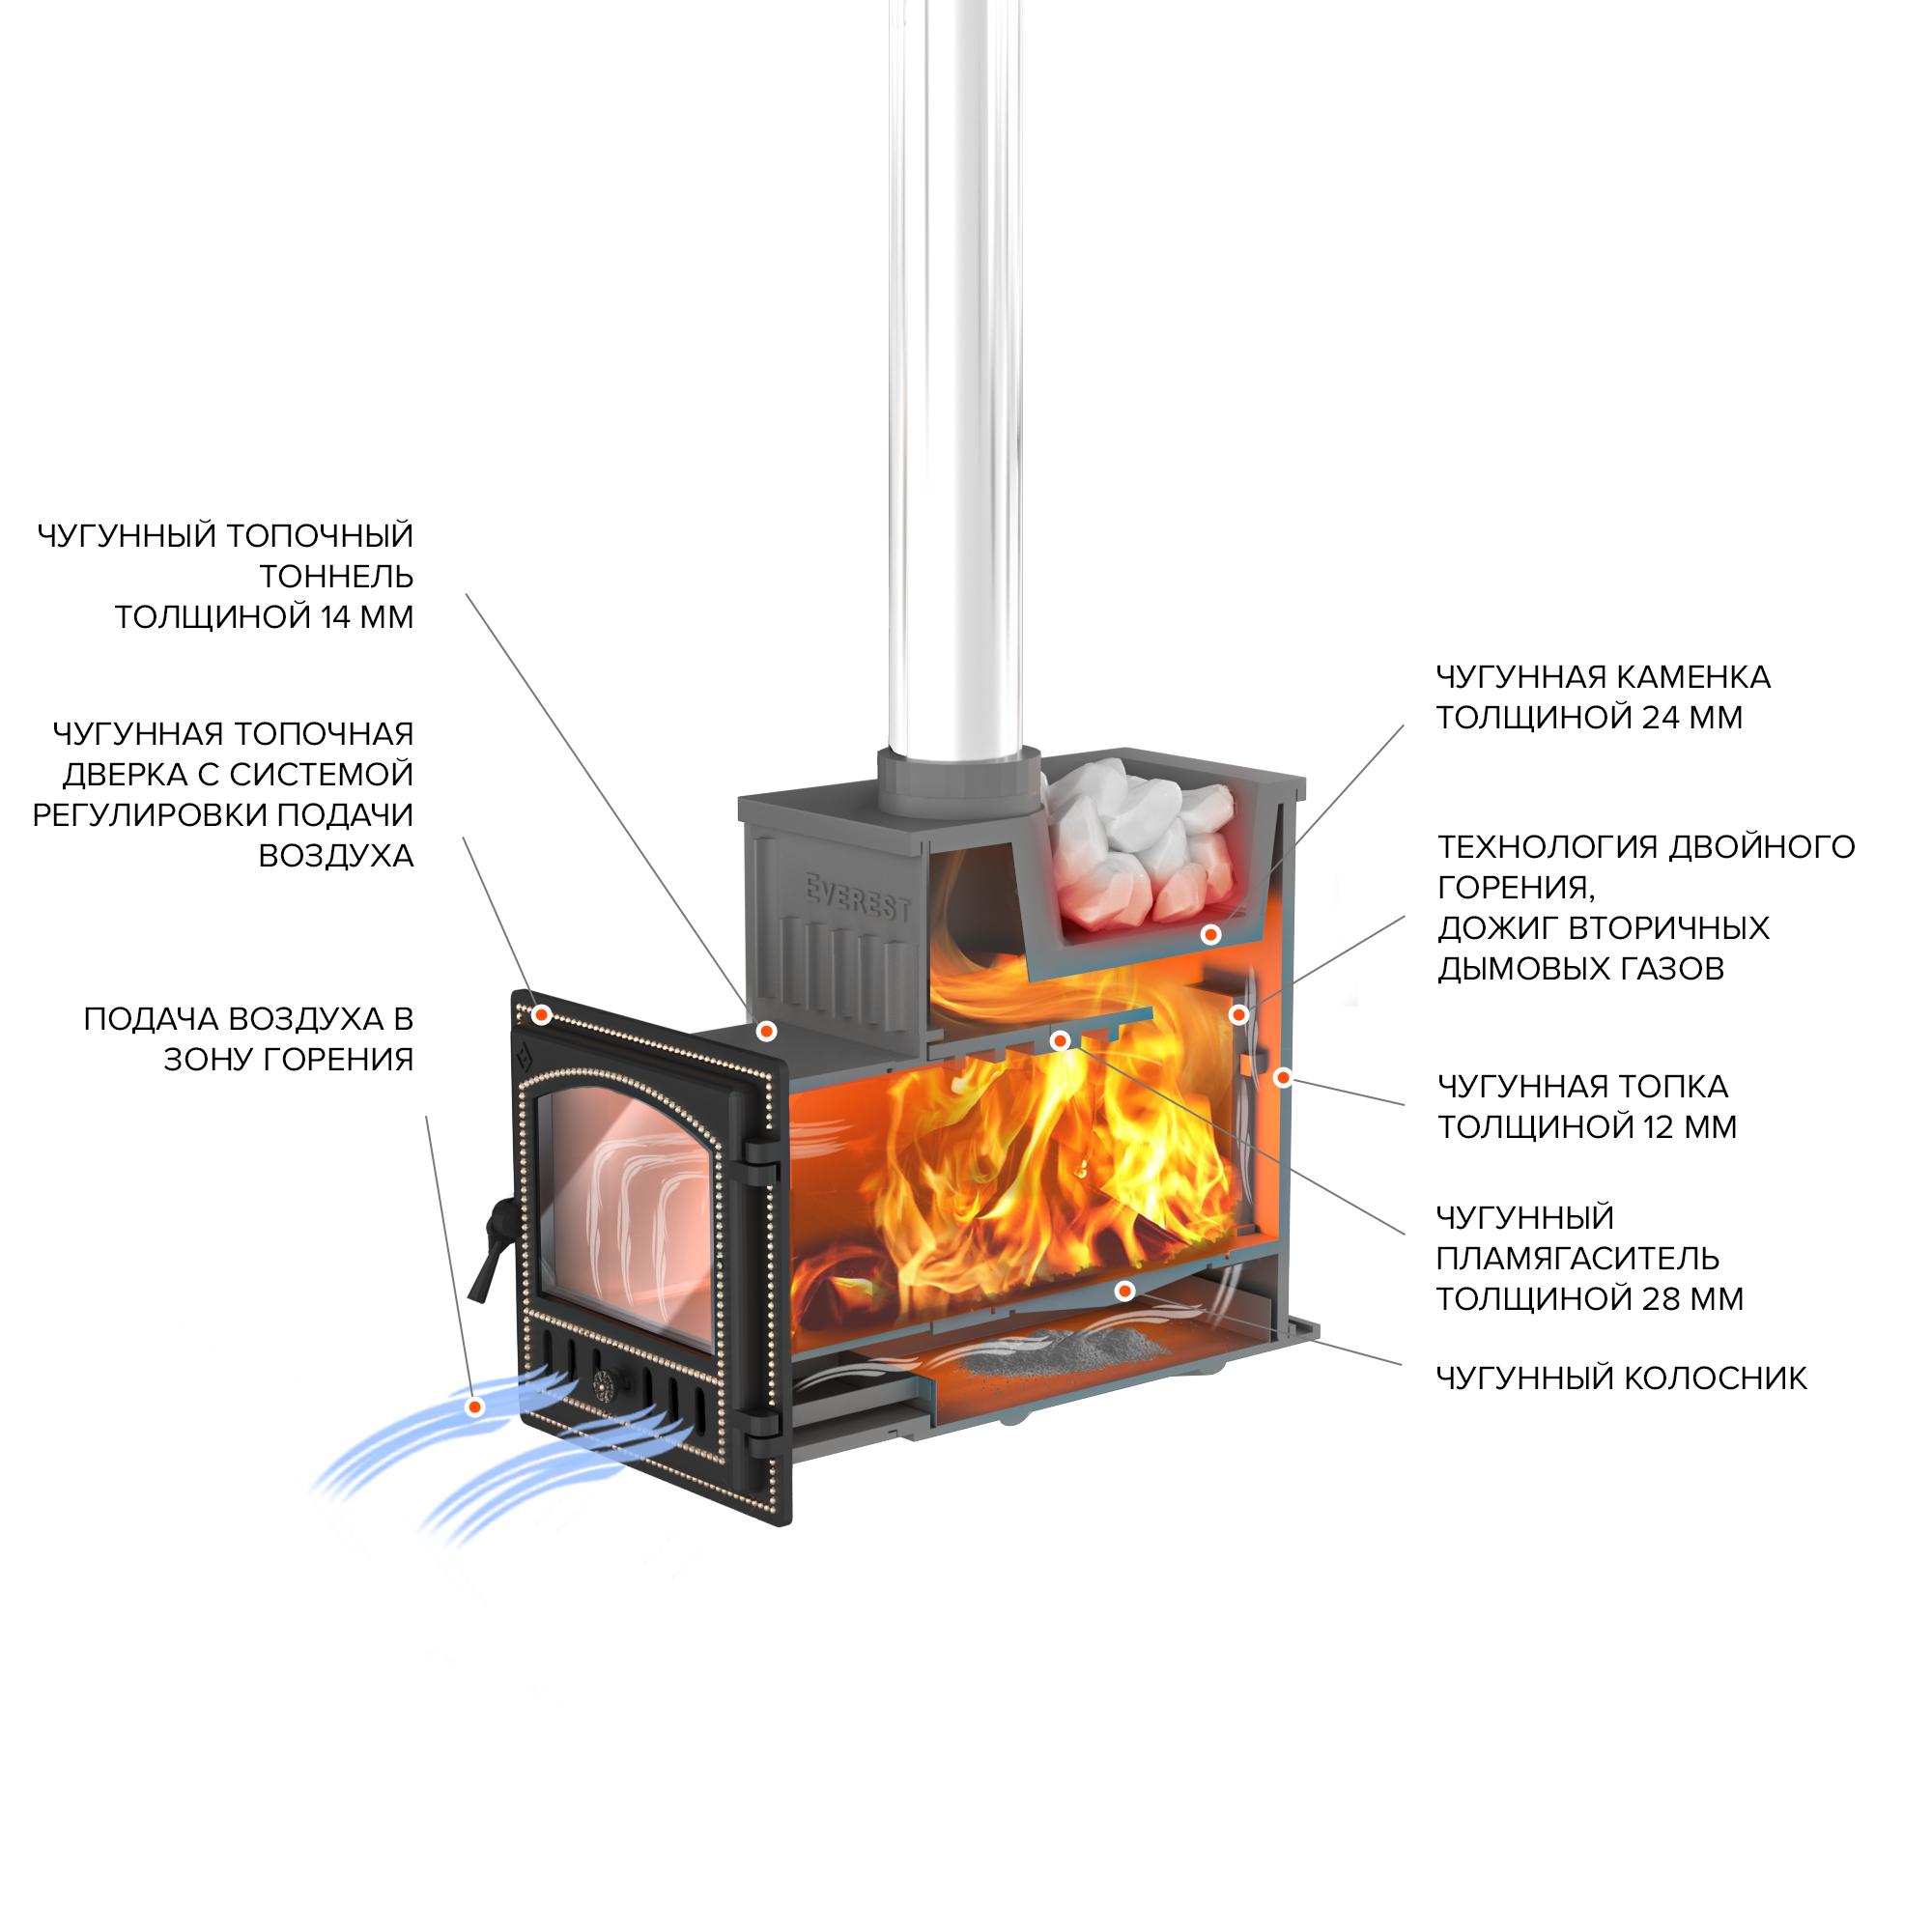 Печь для бани из жаропрочного чугуна Эверест Ковка 24 (280)